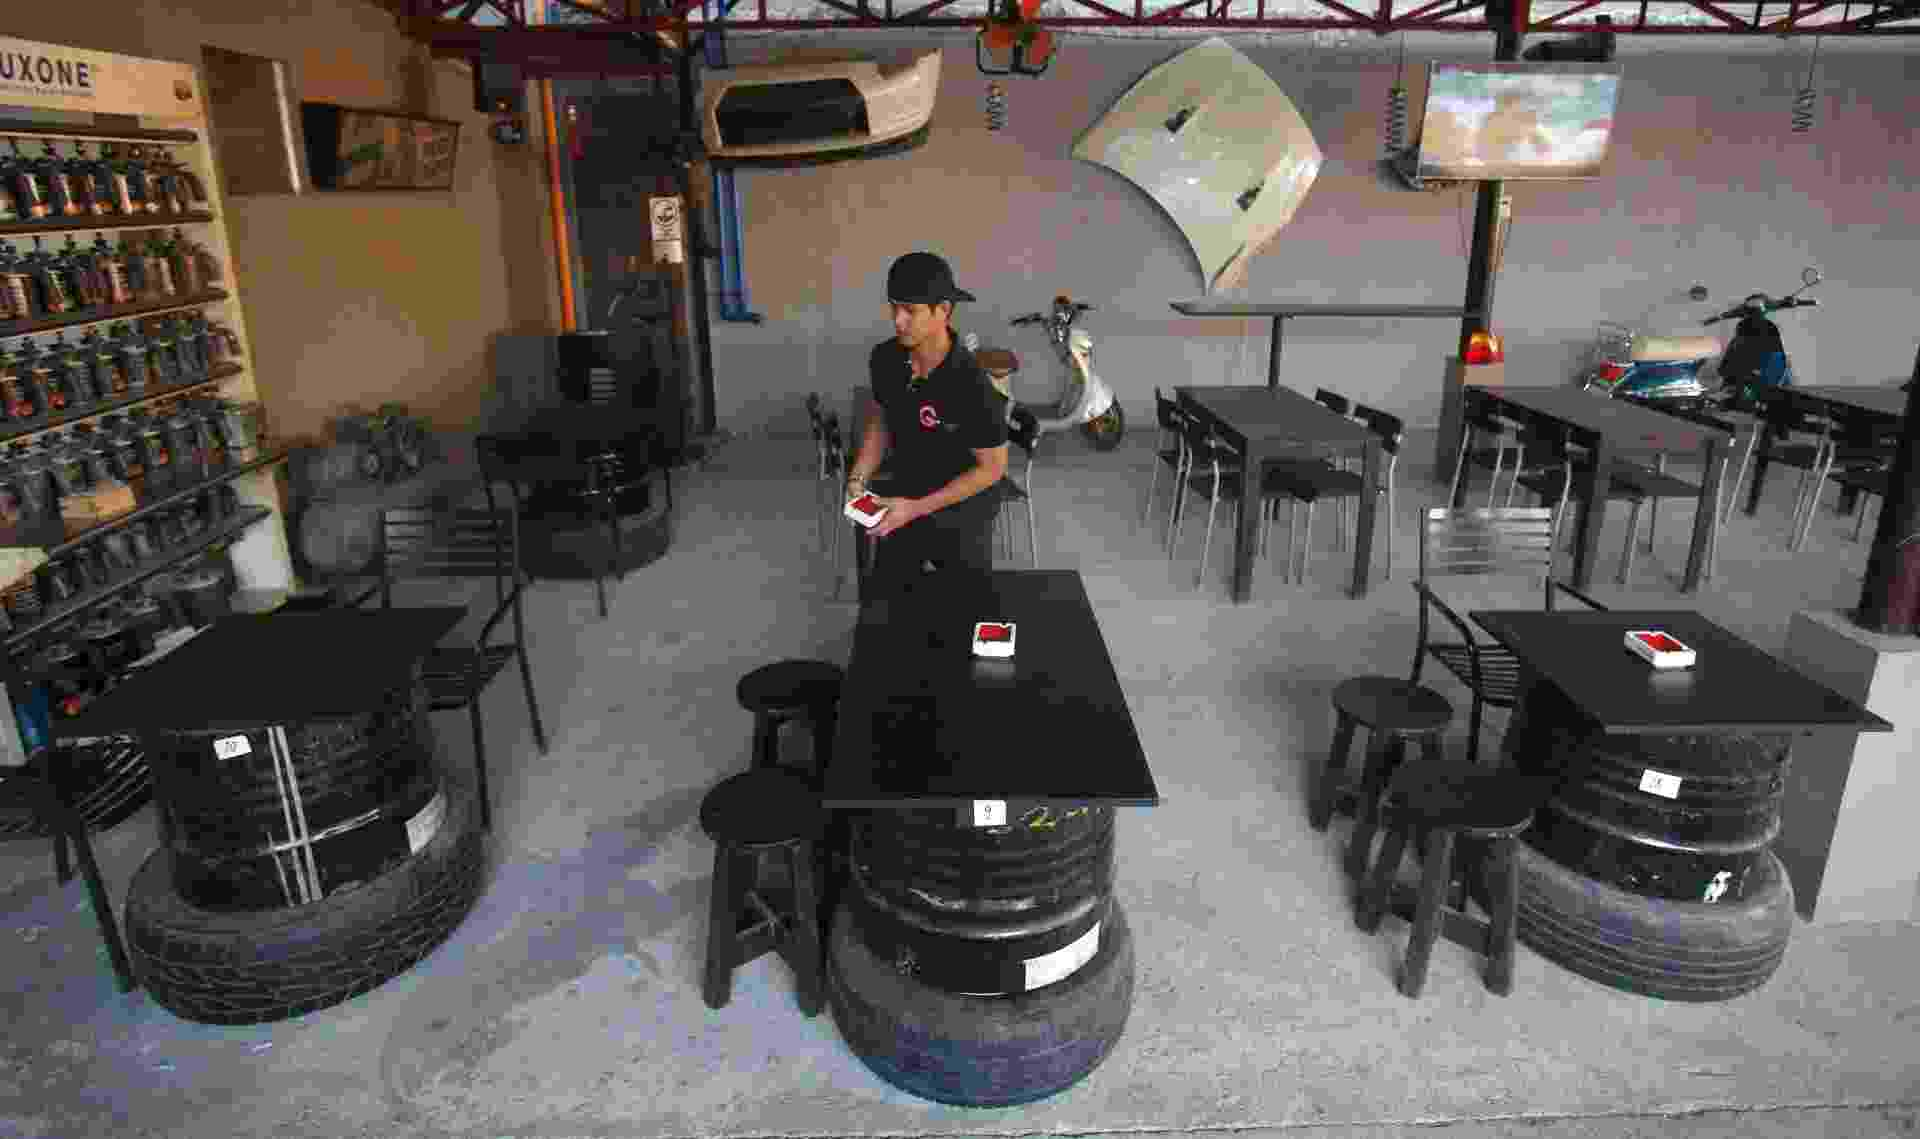 20.fev.2015 - Garçom caminha entre mesas feitas com antigos barris de petróleo em bar, em Parañaque, nas Filipinas - Erik de Castro/Reuters